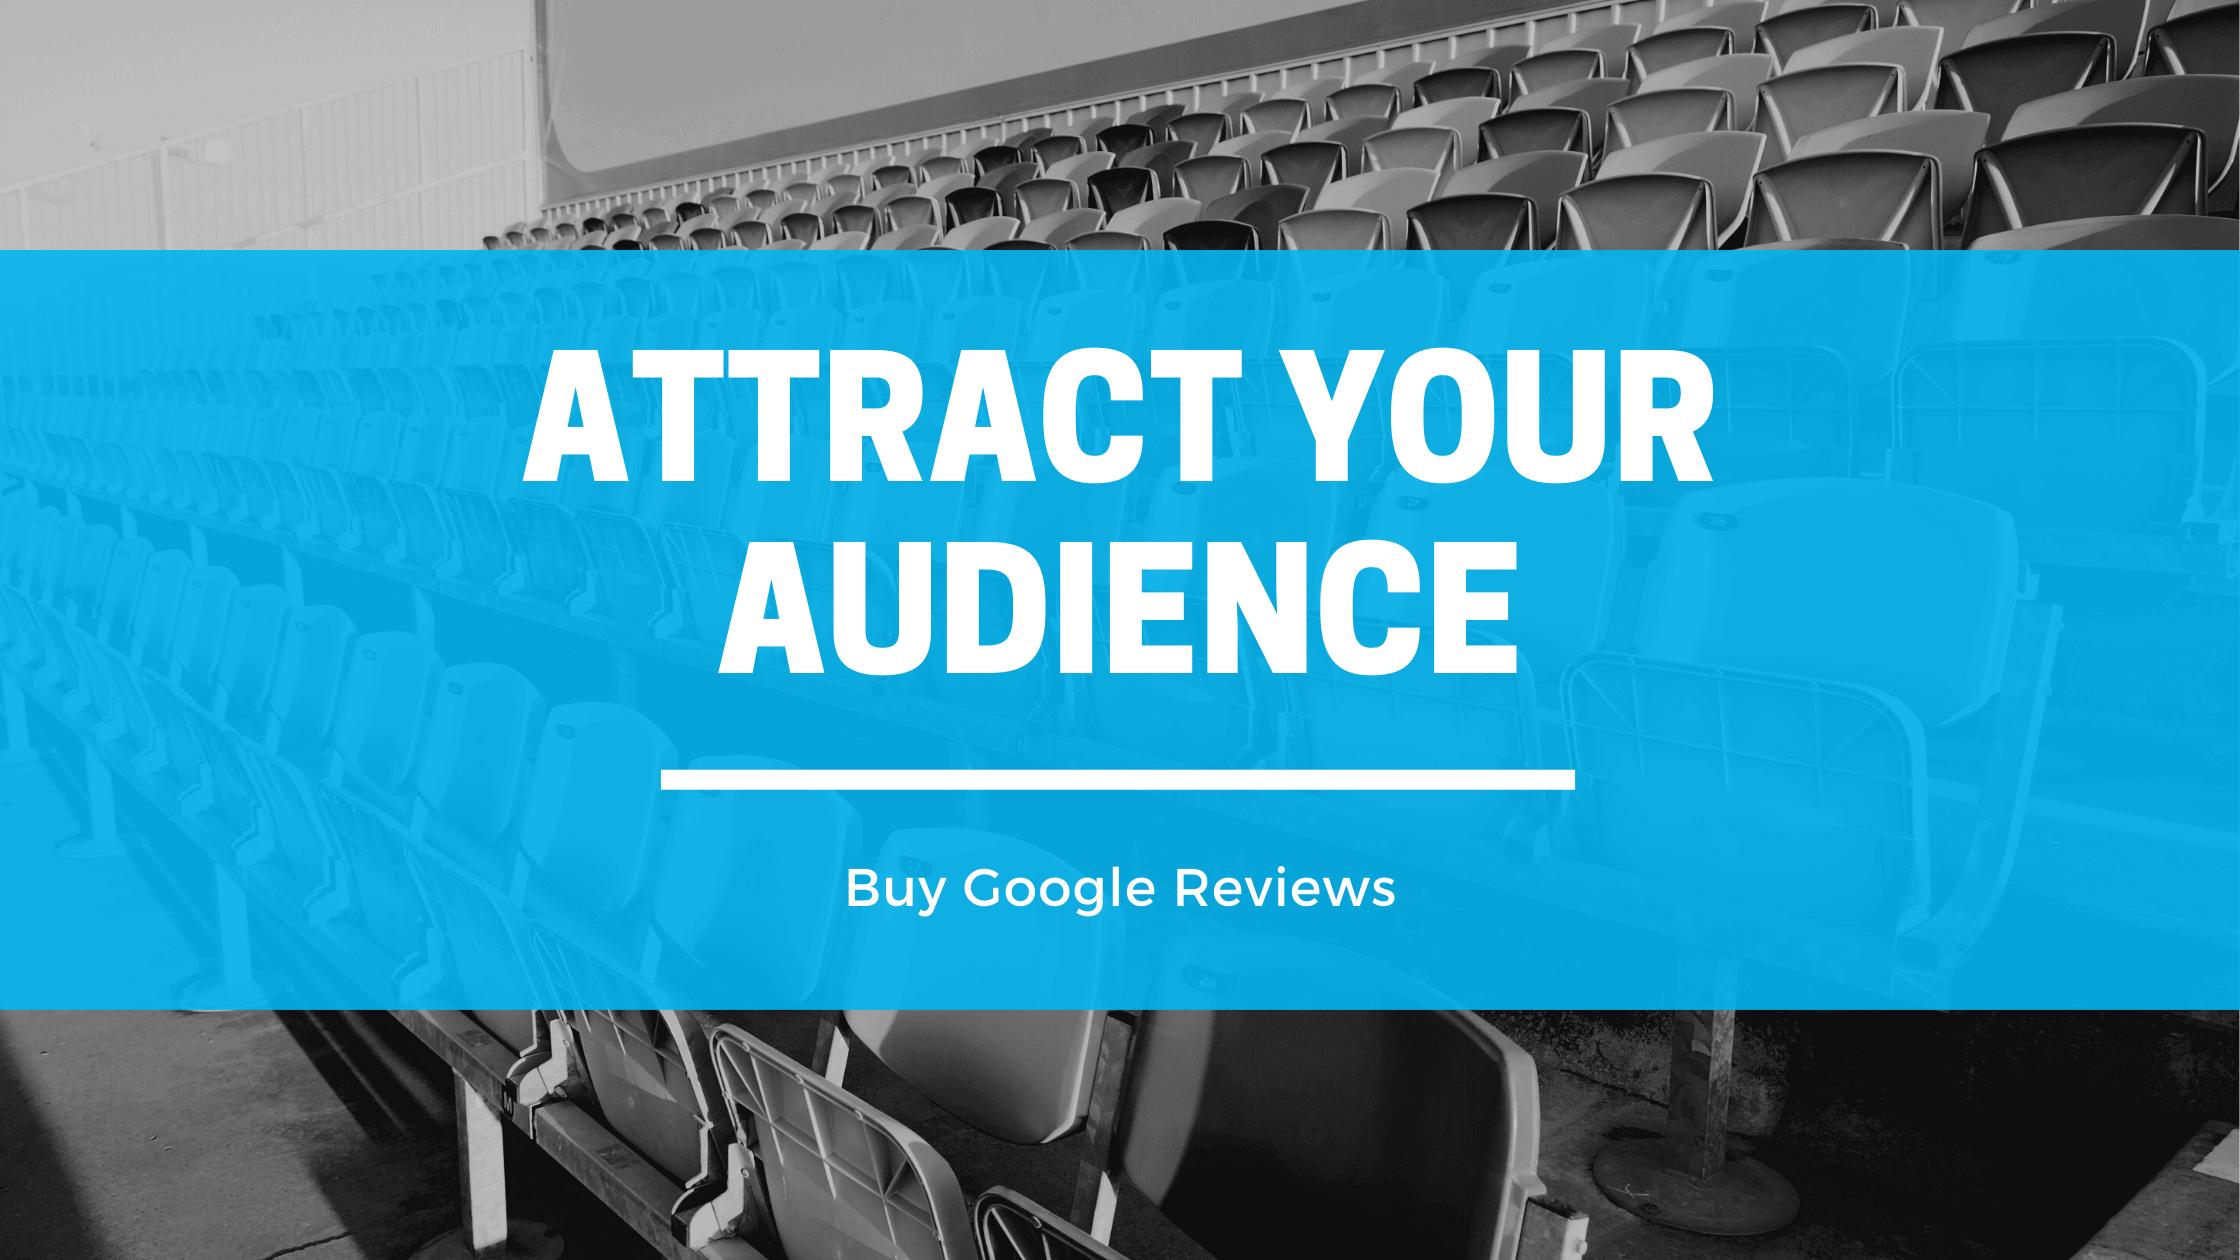 Buy Google Reviews